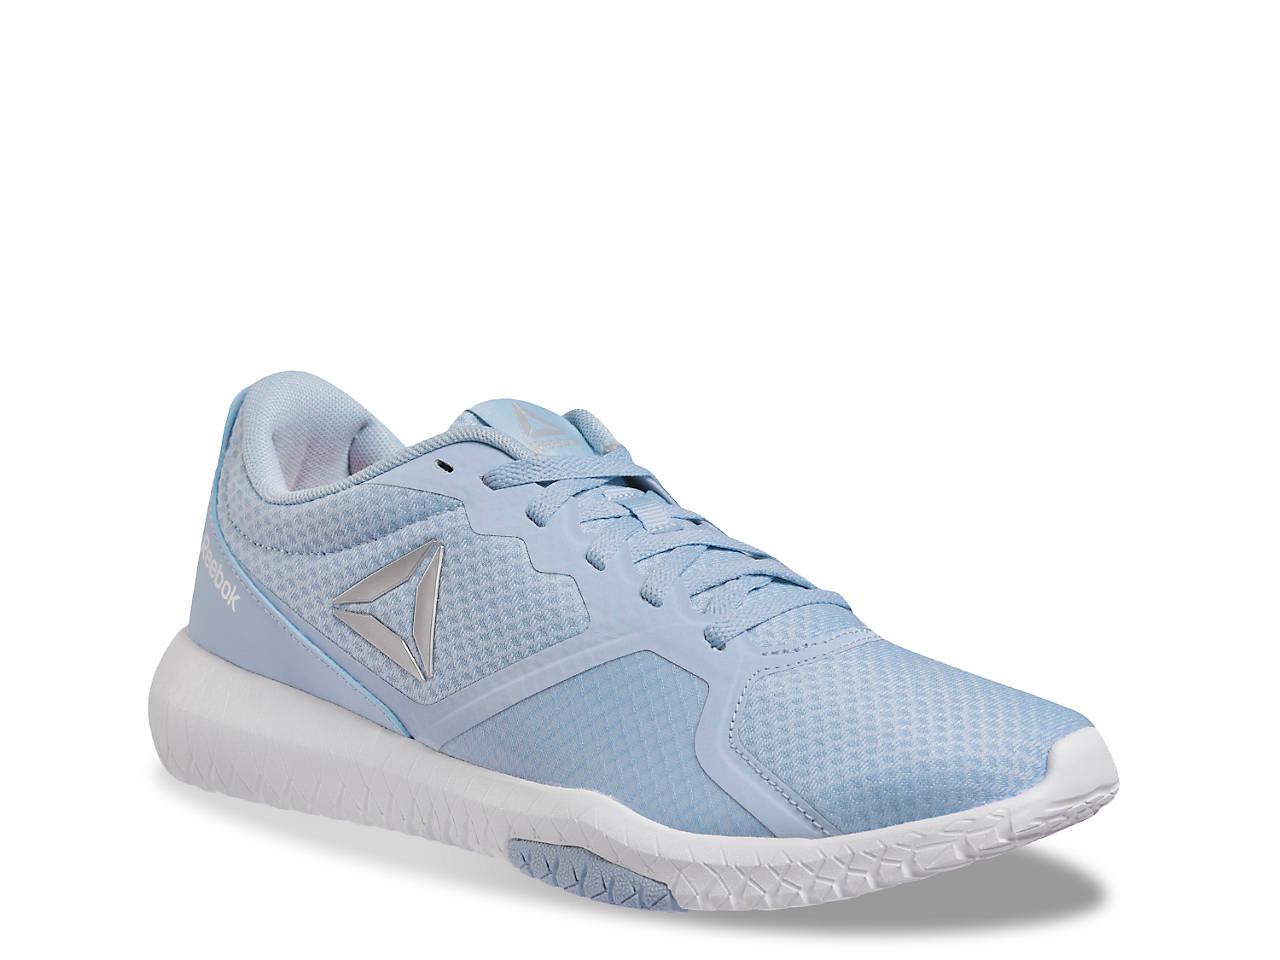 e742b9737be Reebok Flexagon Force Training Shoe - Women s Women s Shoes